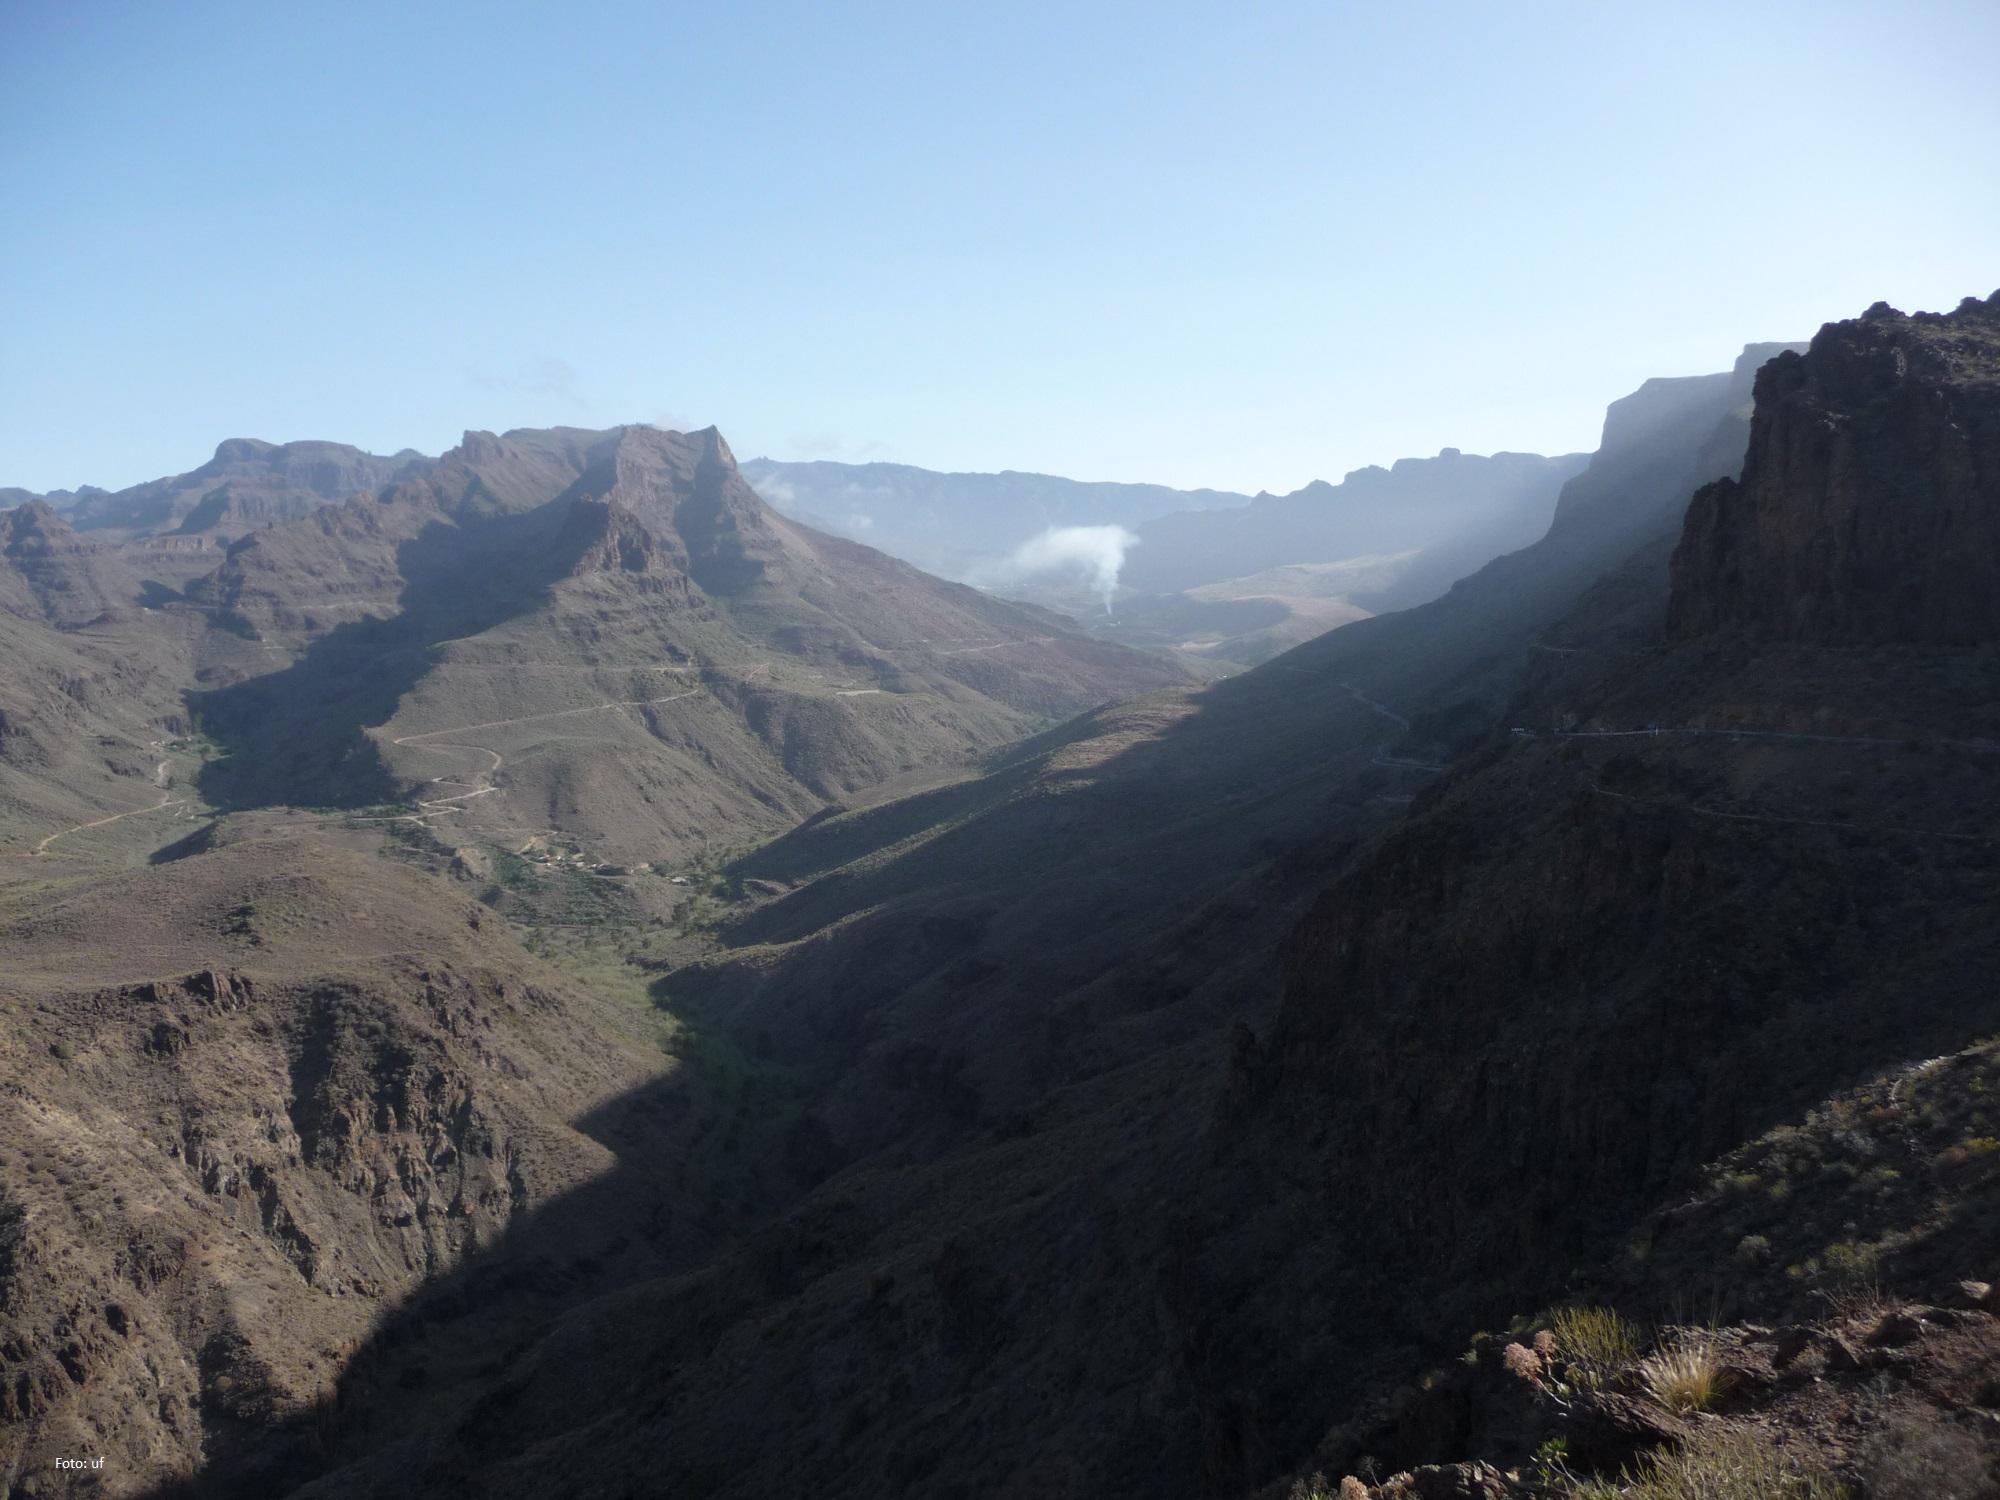 Beeindruckende Bergformationen auf Gran Canaria